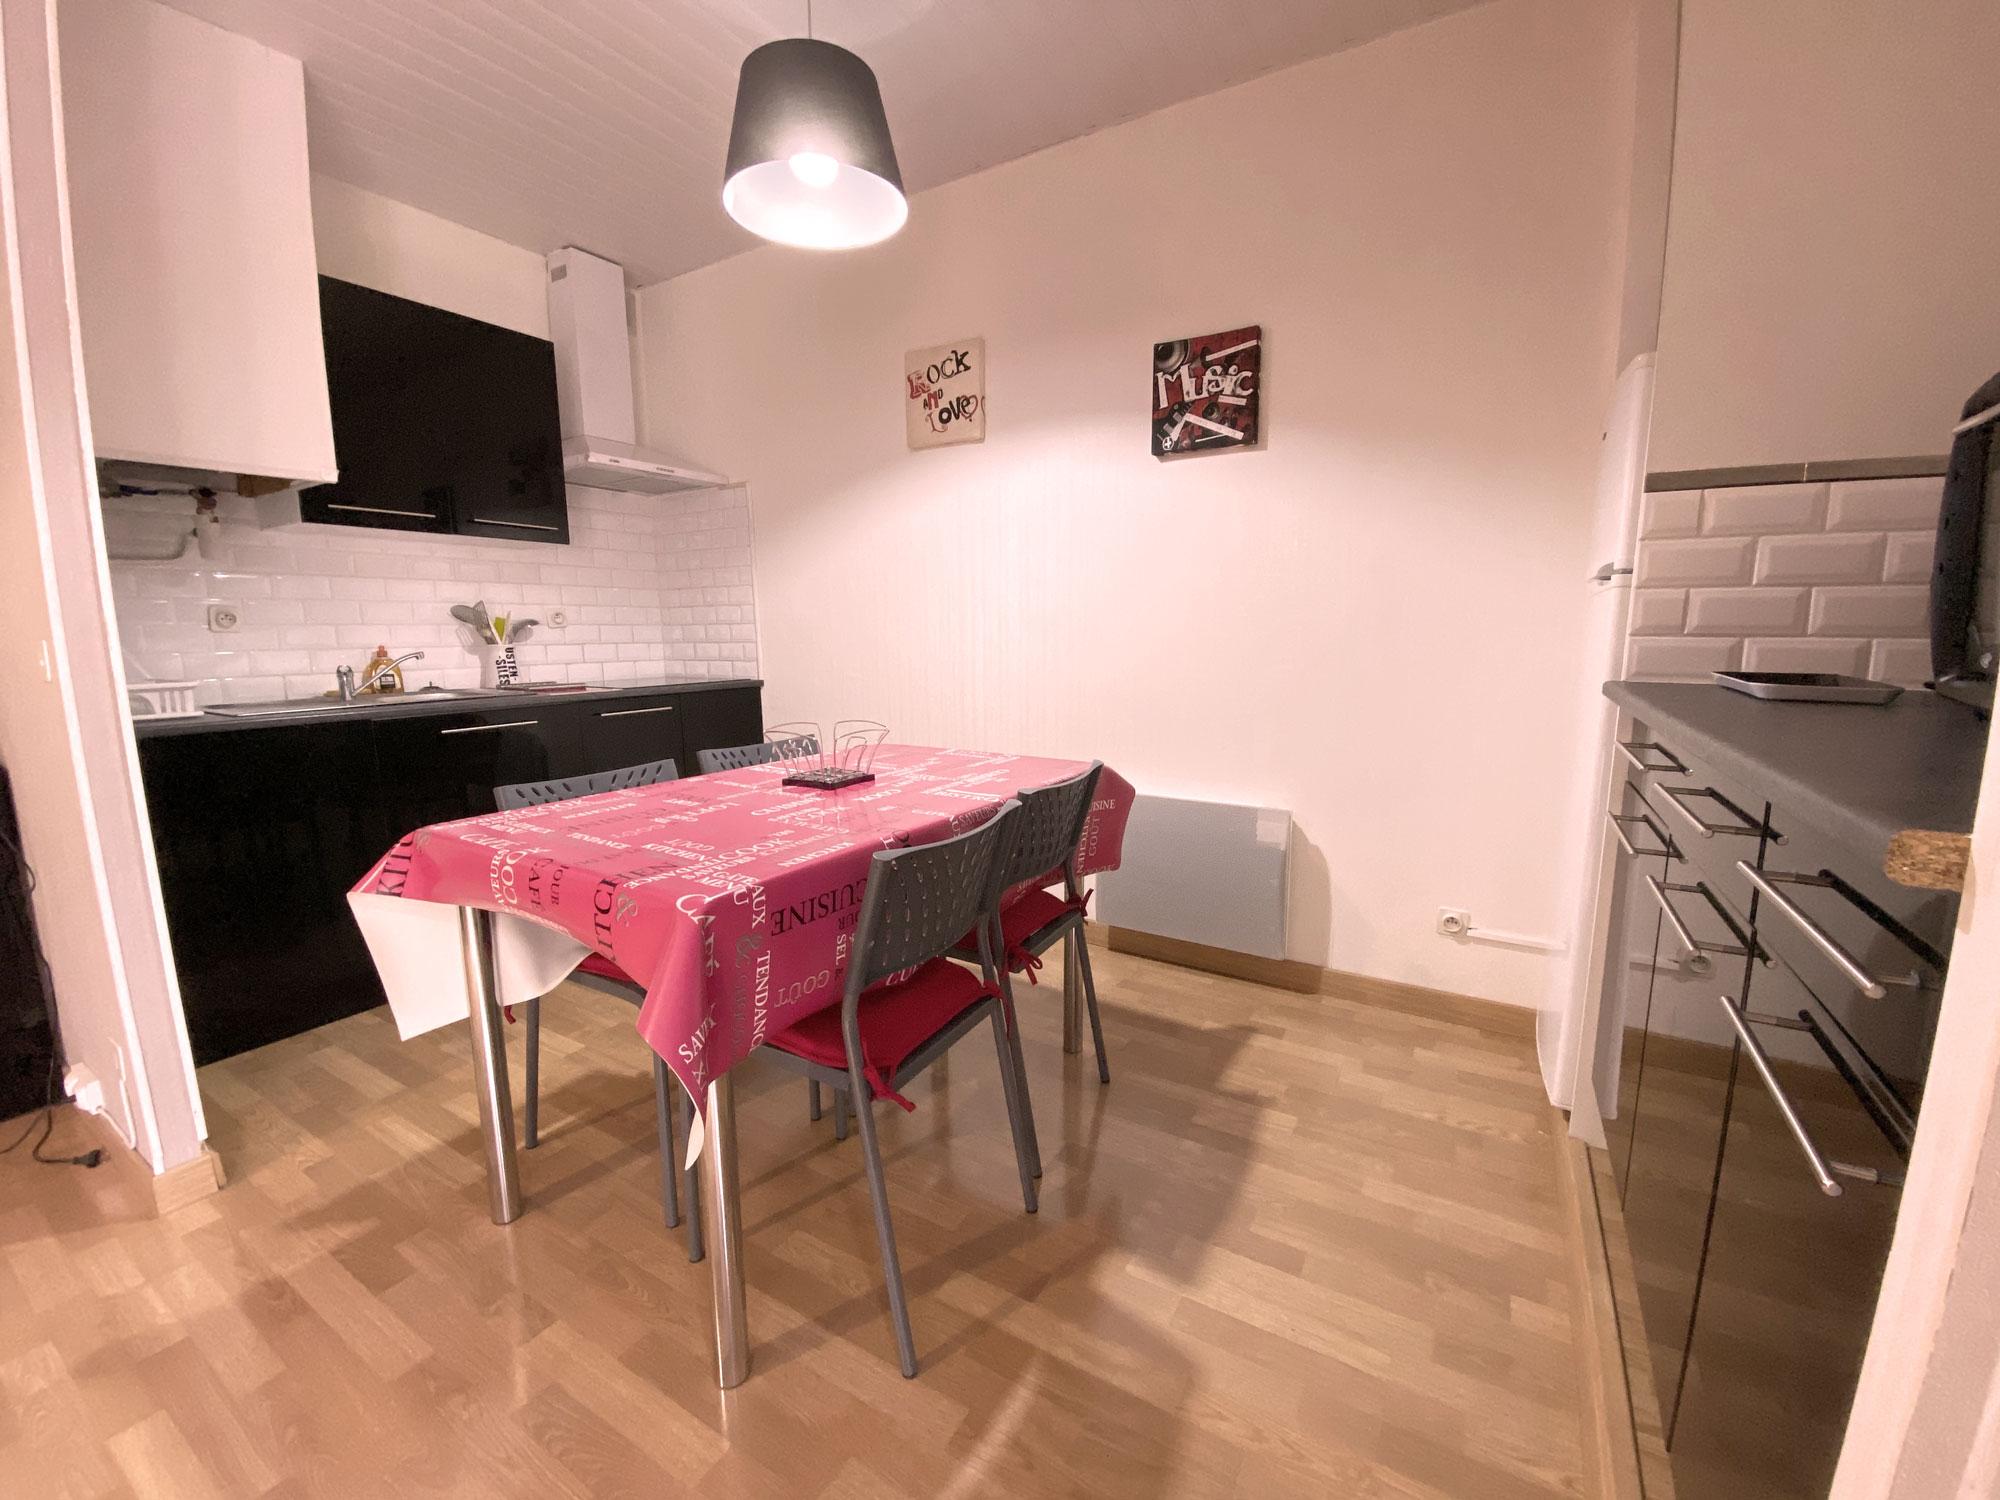 Cuisine murs blanc ,élements noirs , table rouge